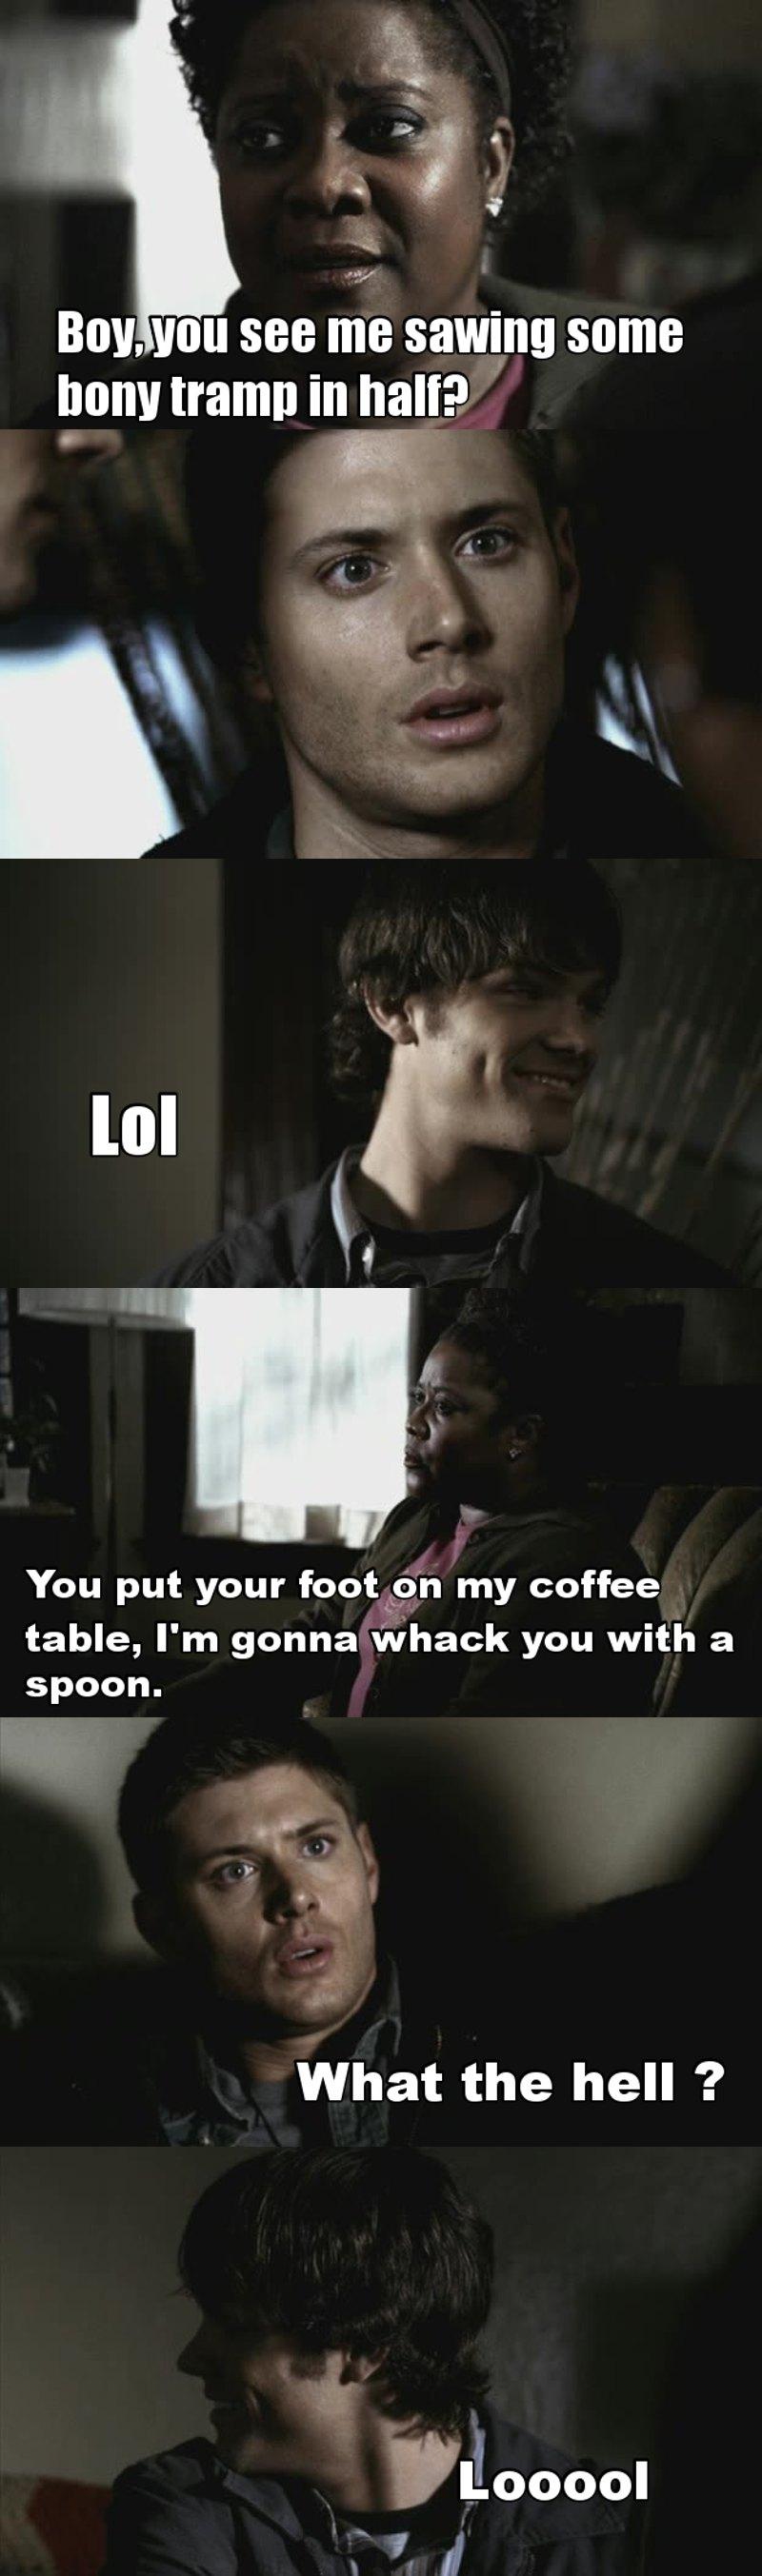 I think Sam is enjoying this far too much aha lol 😂